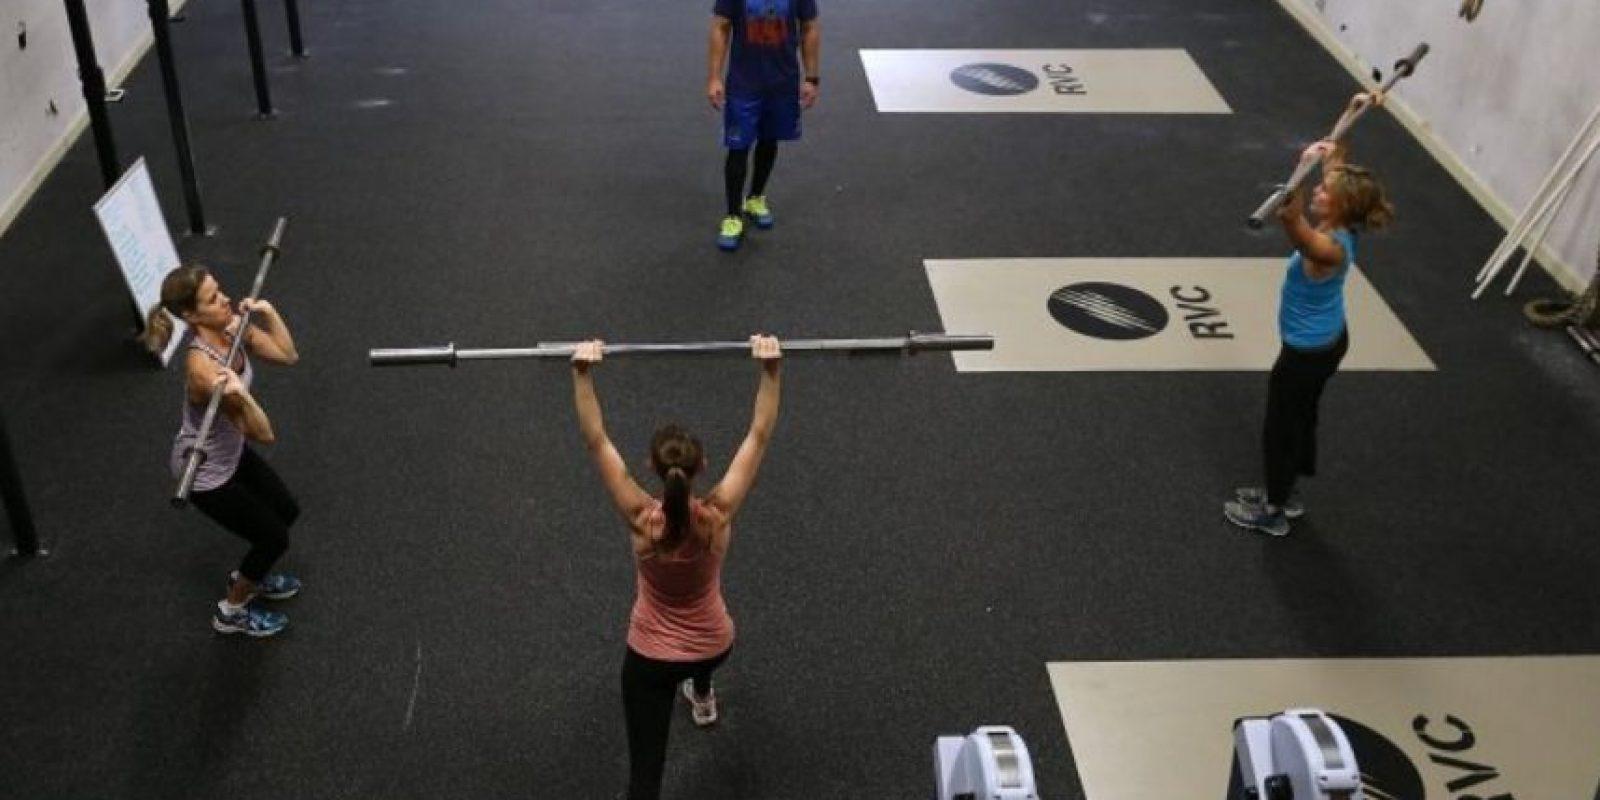 Hay dos tipos principales de ejercicio rápido: fitness y de fuerza. Foto:Getty Images